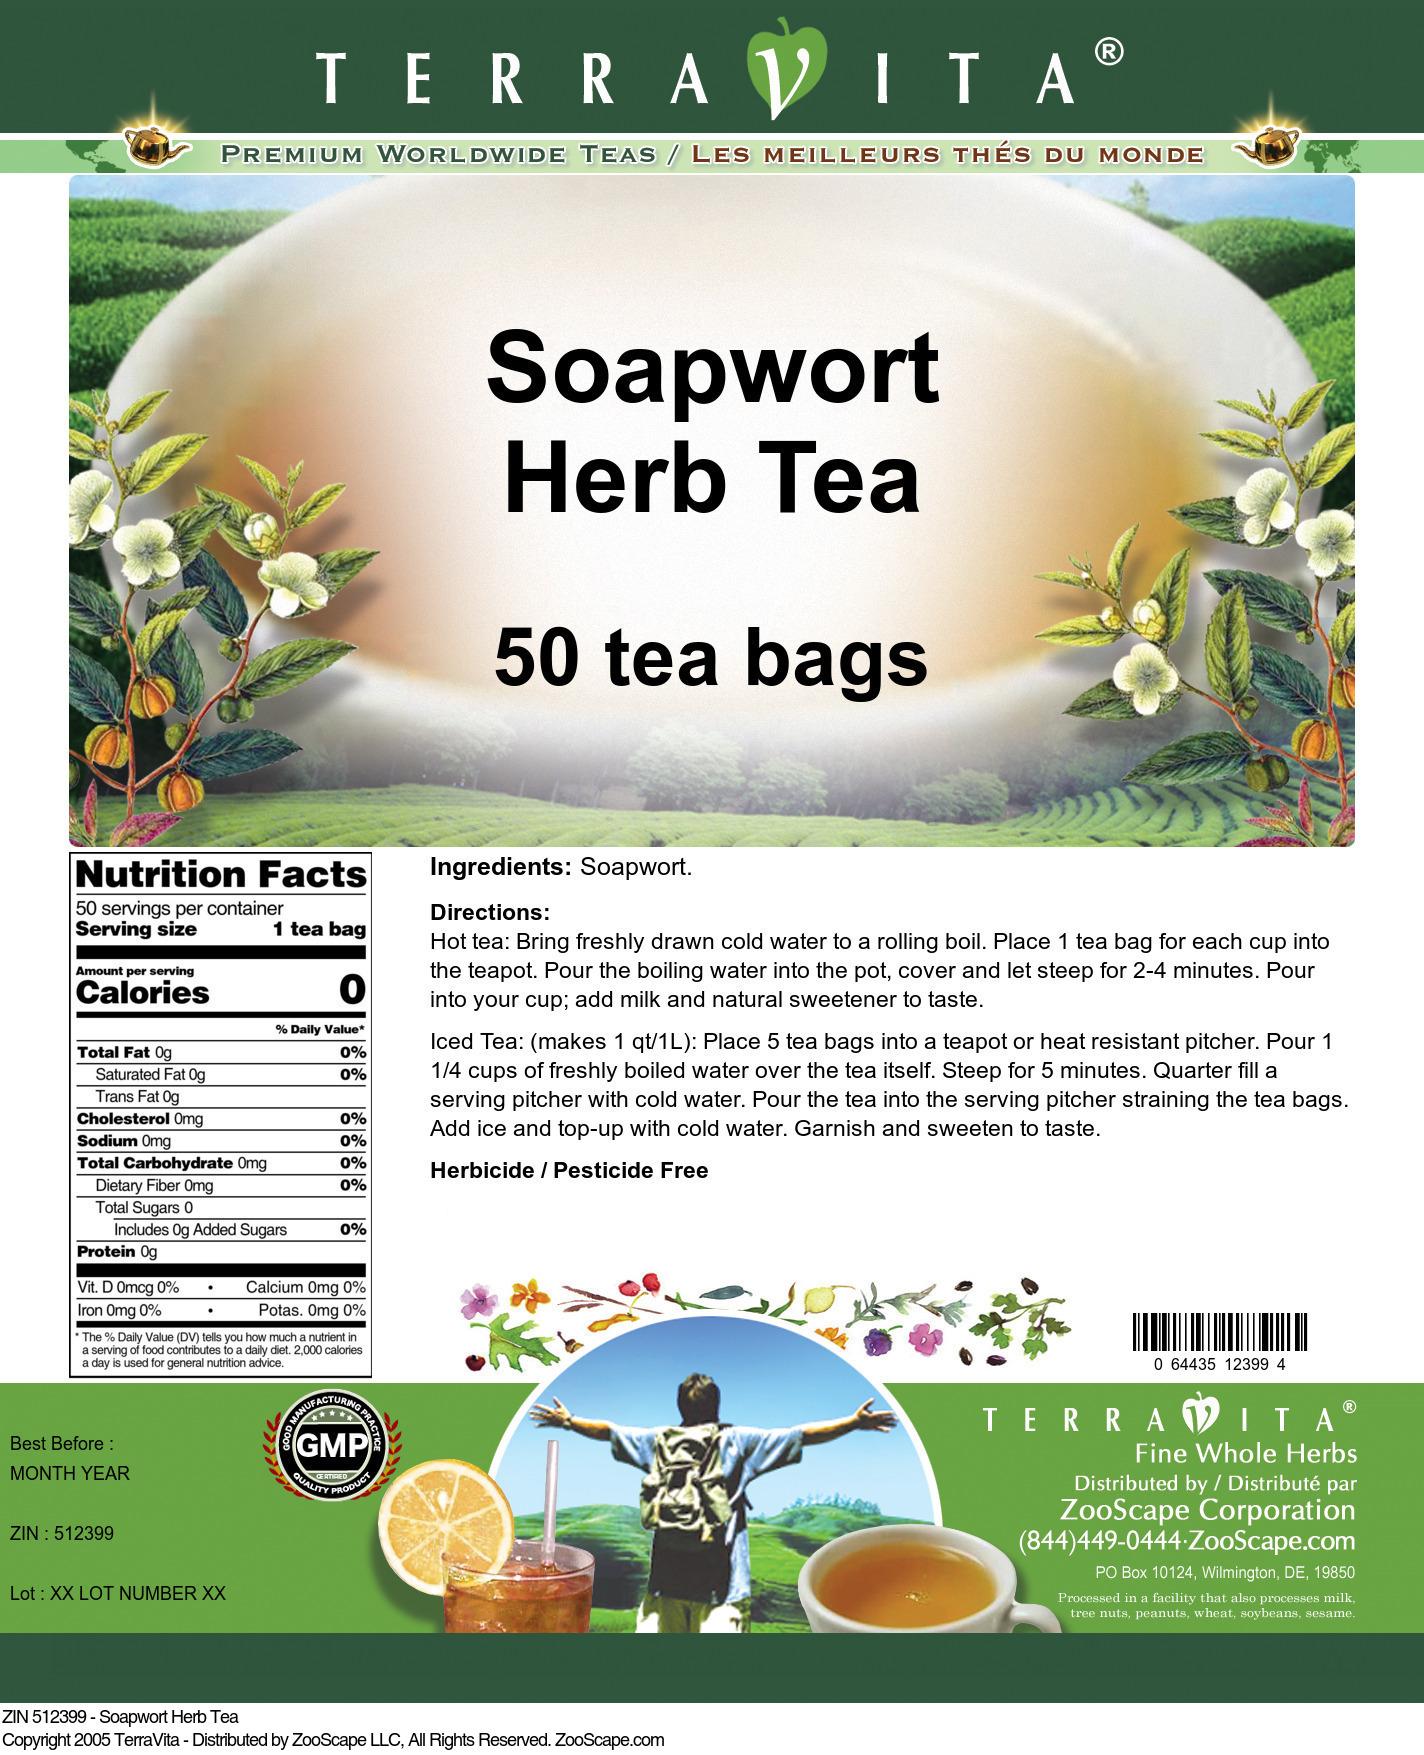 Soapwort Herb Tea